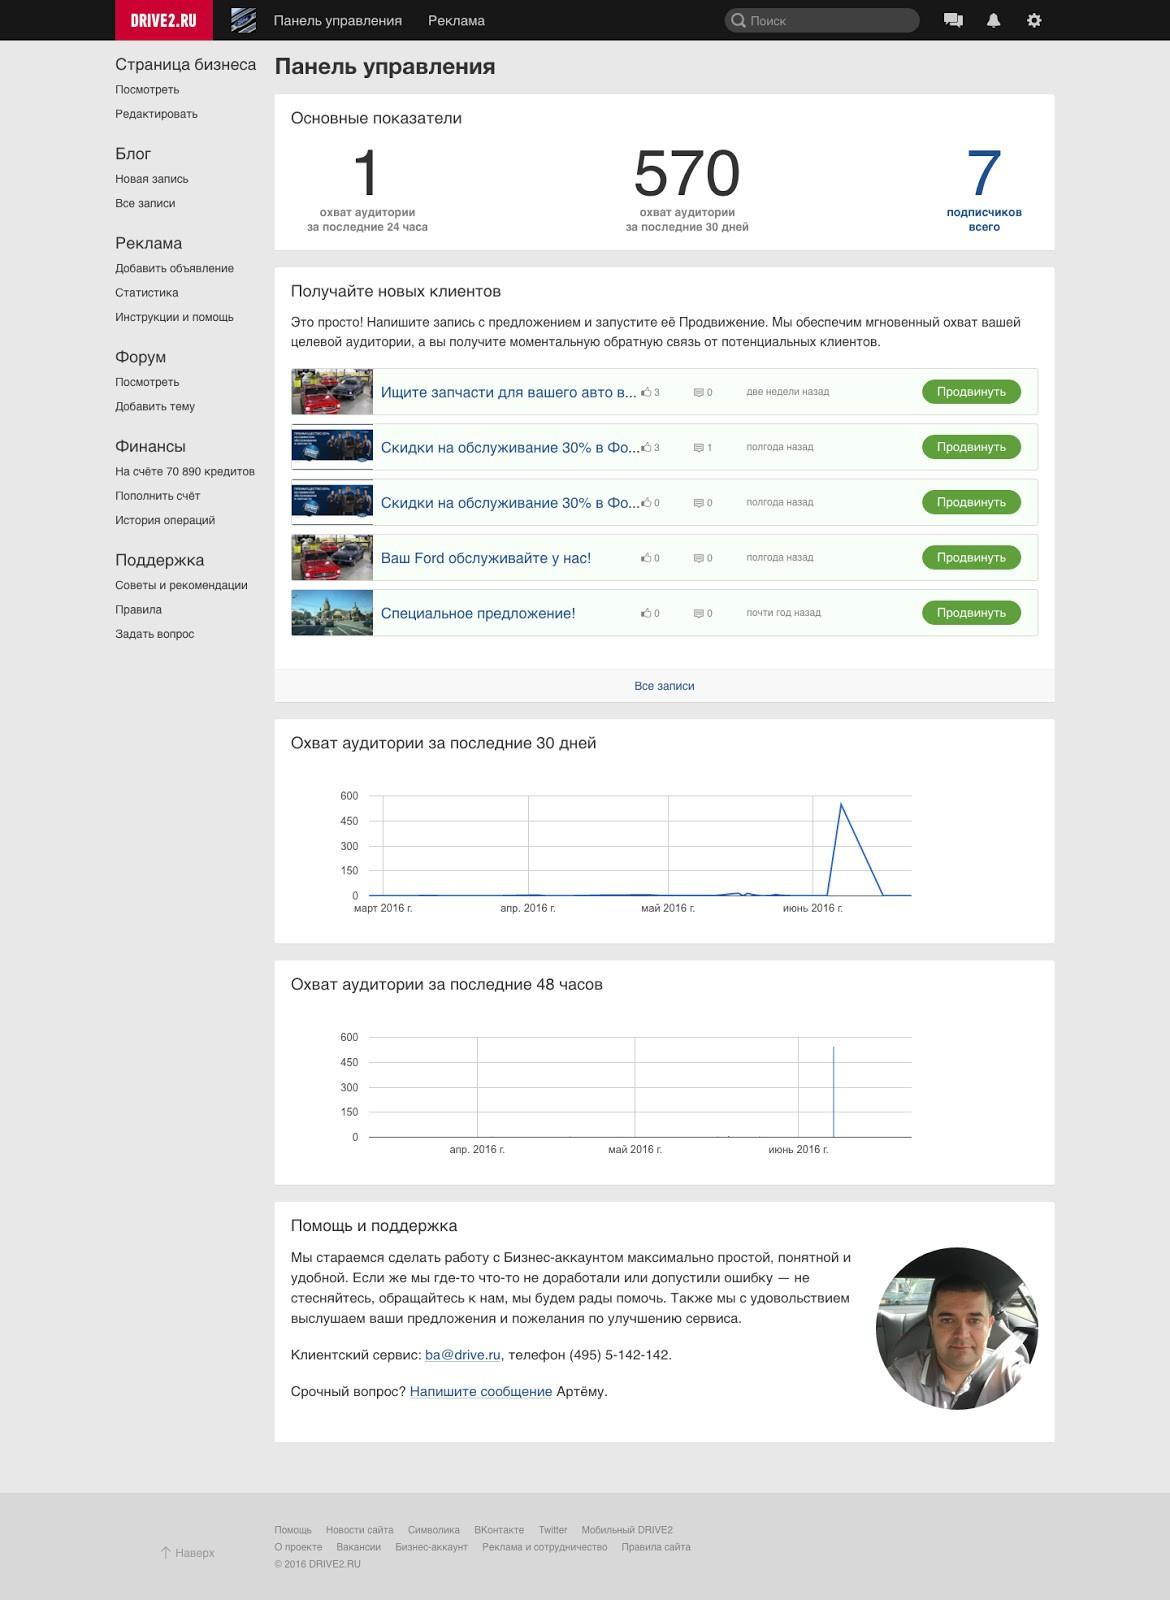 Как устроено крупнейшее автосообщество Drive2.ru — трафик, монетизация и пользовательский контент - 5